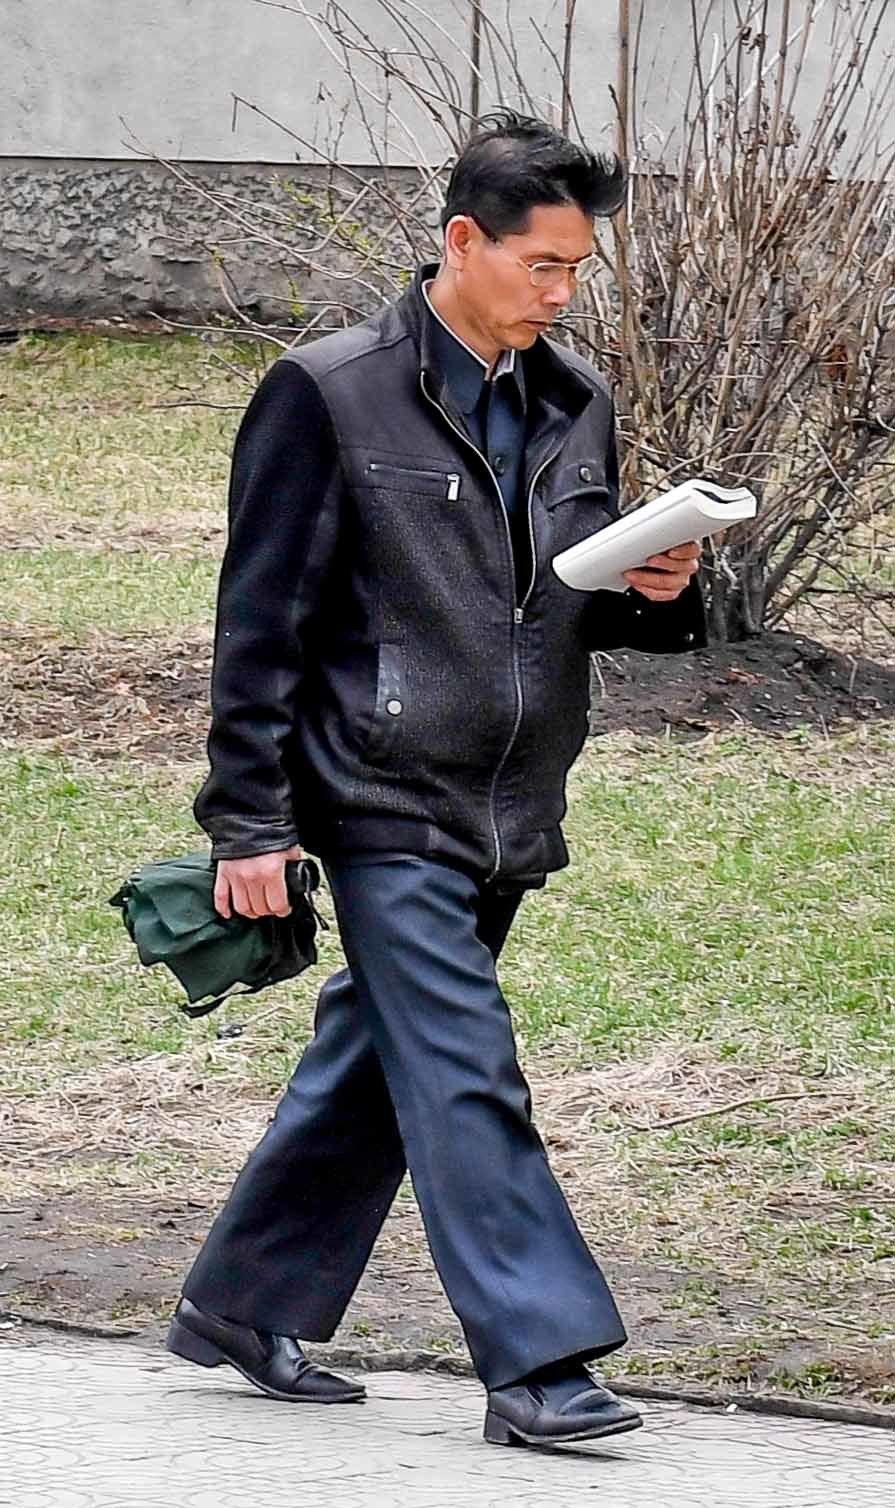 6일 평양거리에서 한 시민이 길을 걸으며 책을 읽고 있다. 사진공동취재단